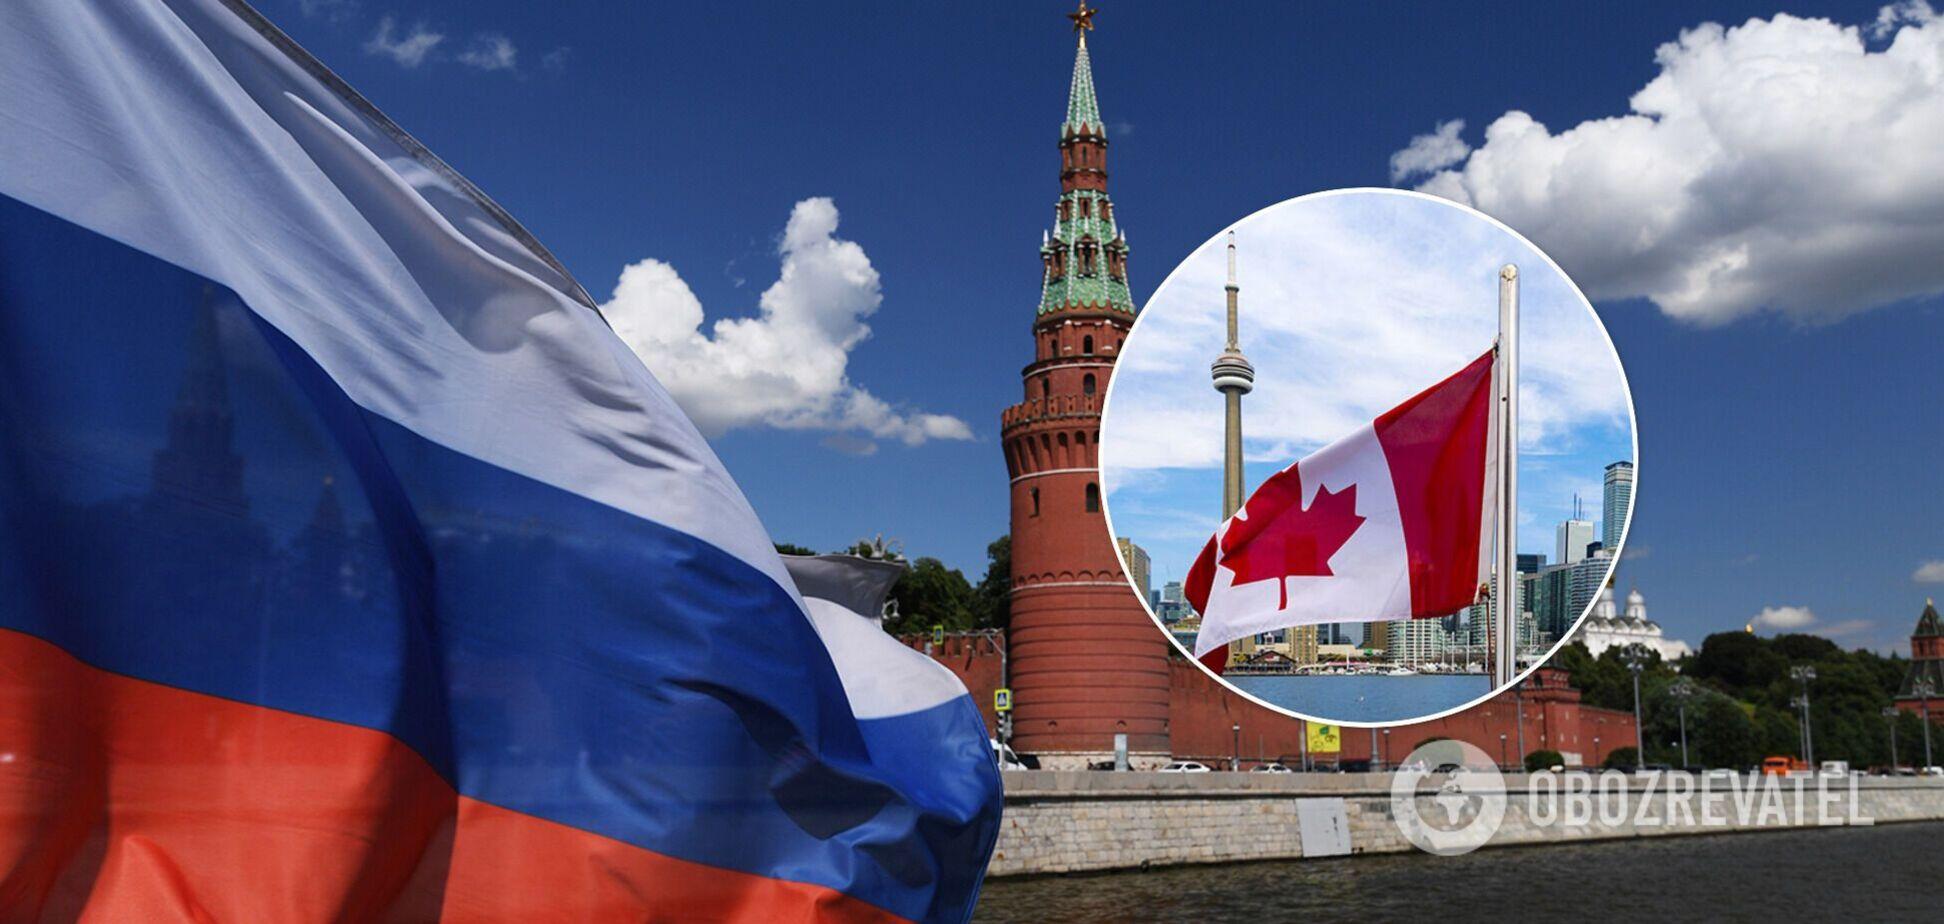 Россия ввела санкции против граждан Канады: в Оттаве дали ответ